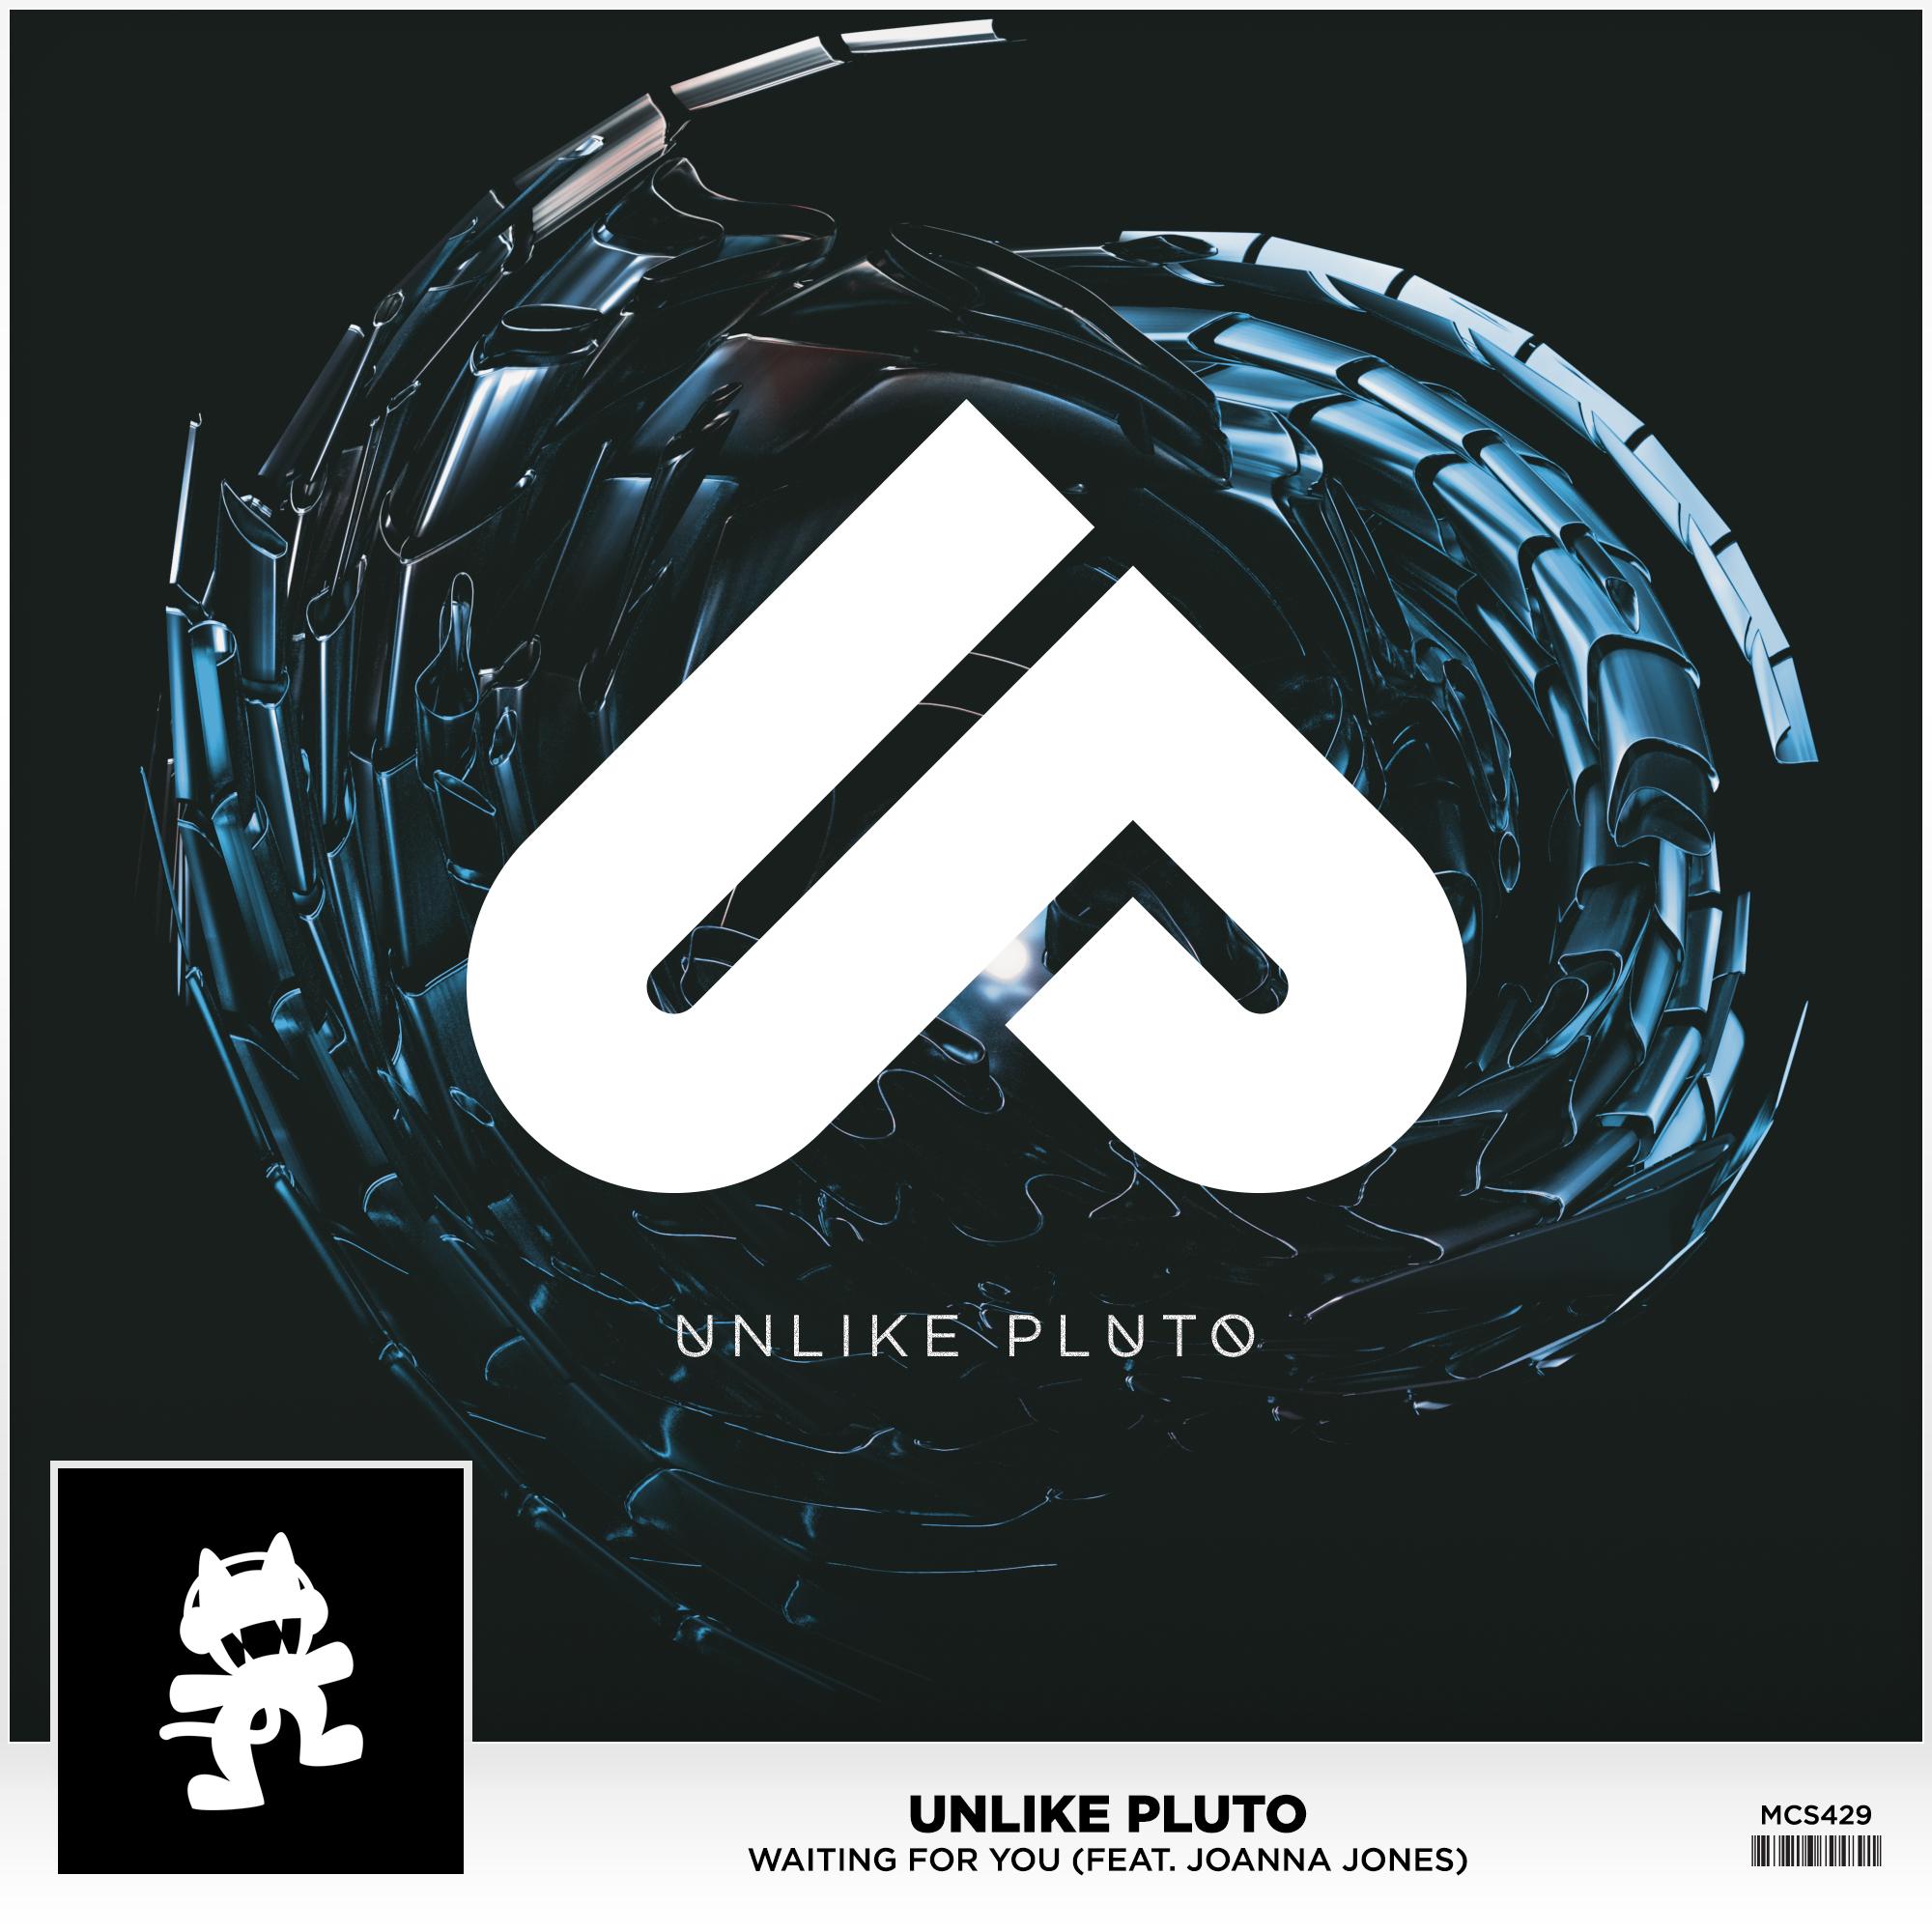 Альбом unlike pluto — waiting for you (feat. Joanna jones) слушать.